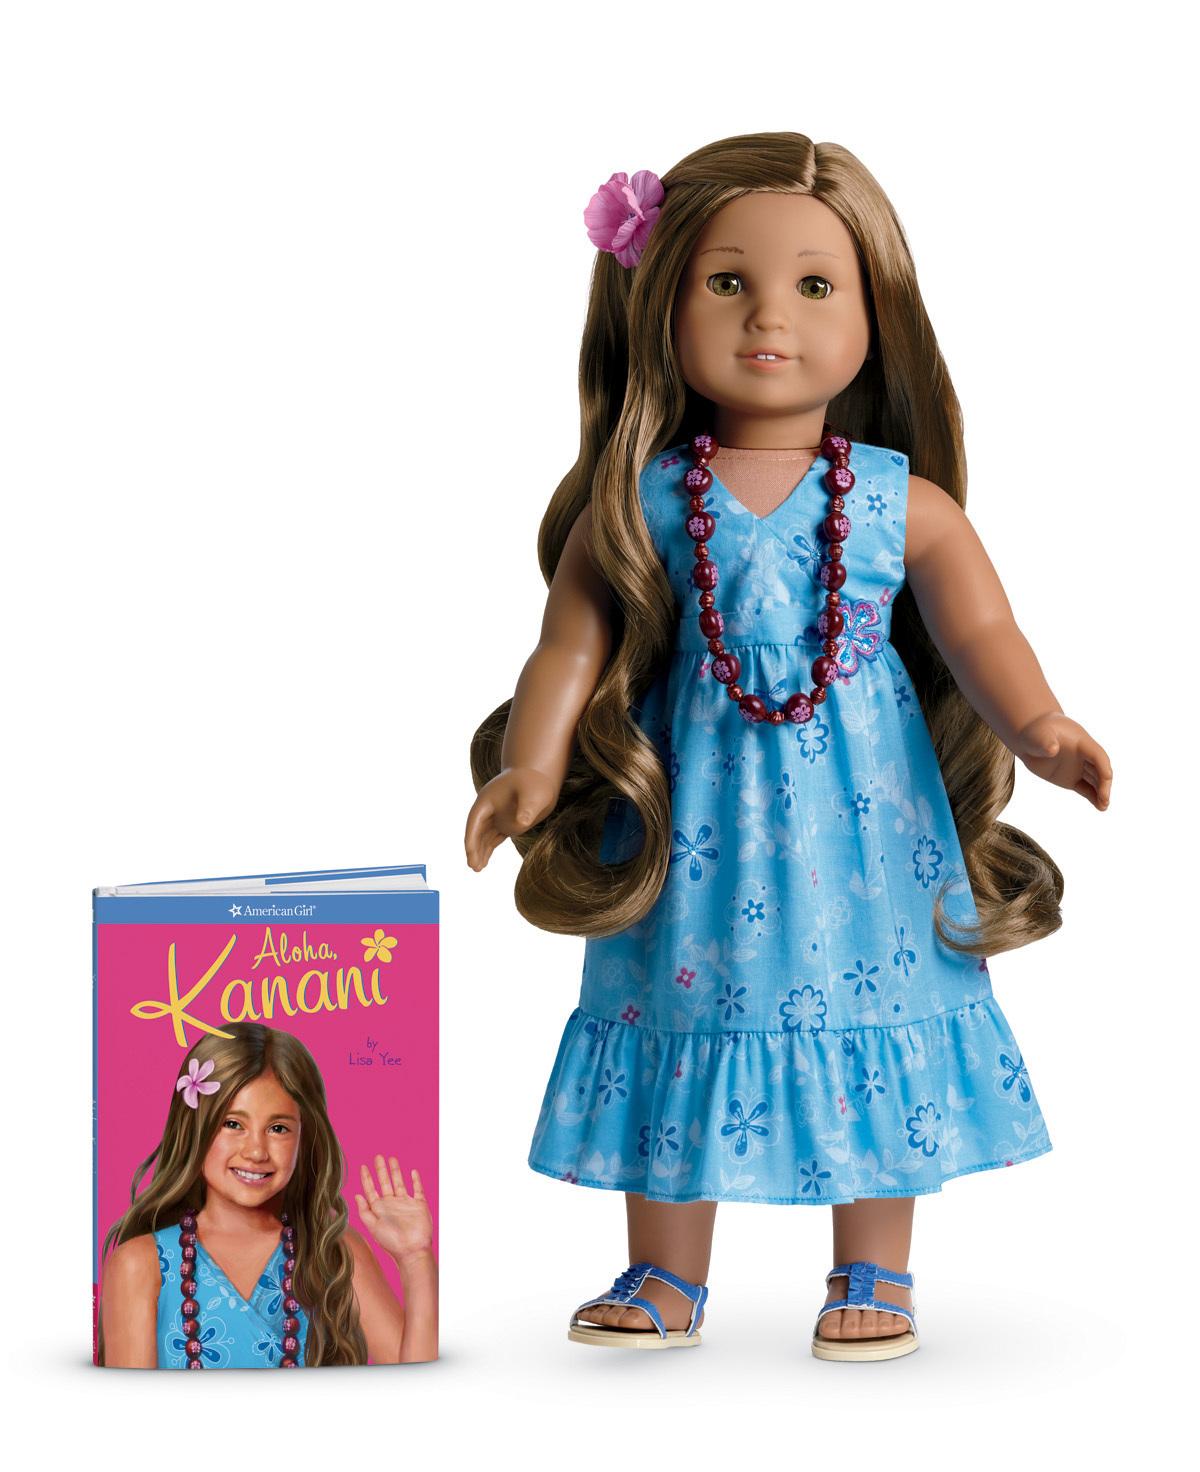 Kanani Akina (doll) | American Girl Wiki | FANDOM powered ...  Kanani Akina (d...